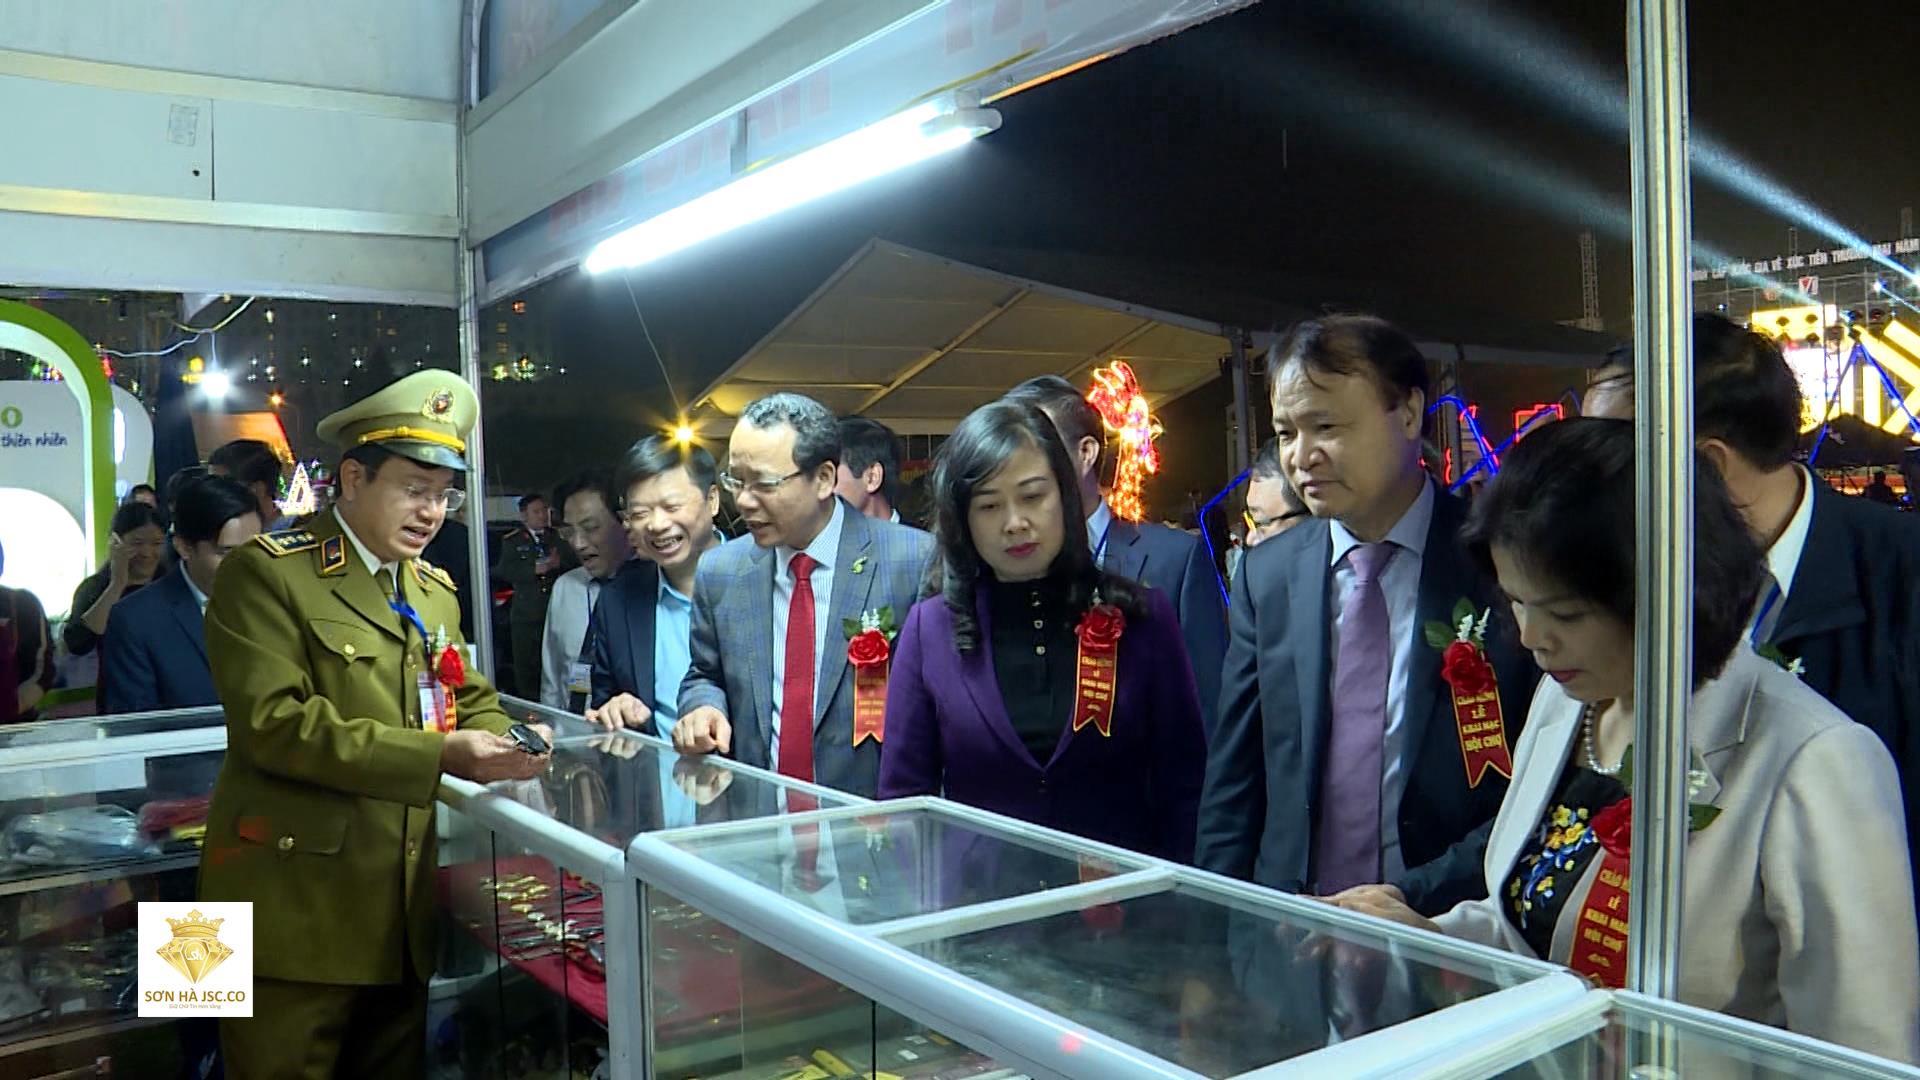 Chuỗi sự kiện hội chợ sản phẩm Ocop